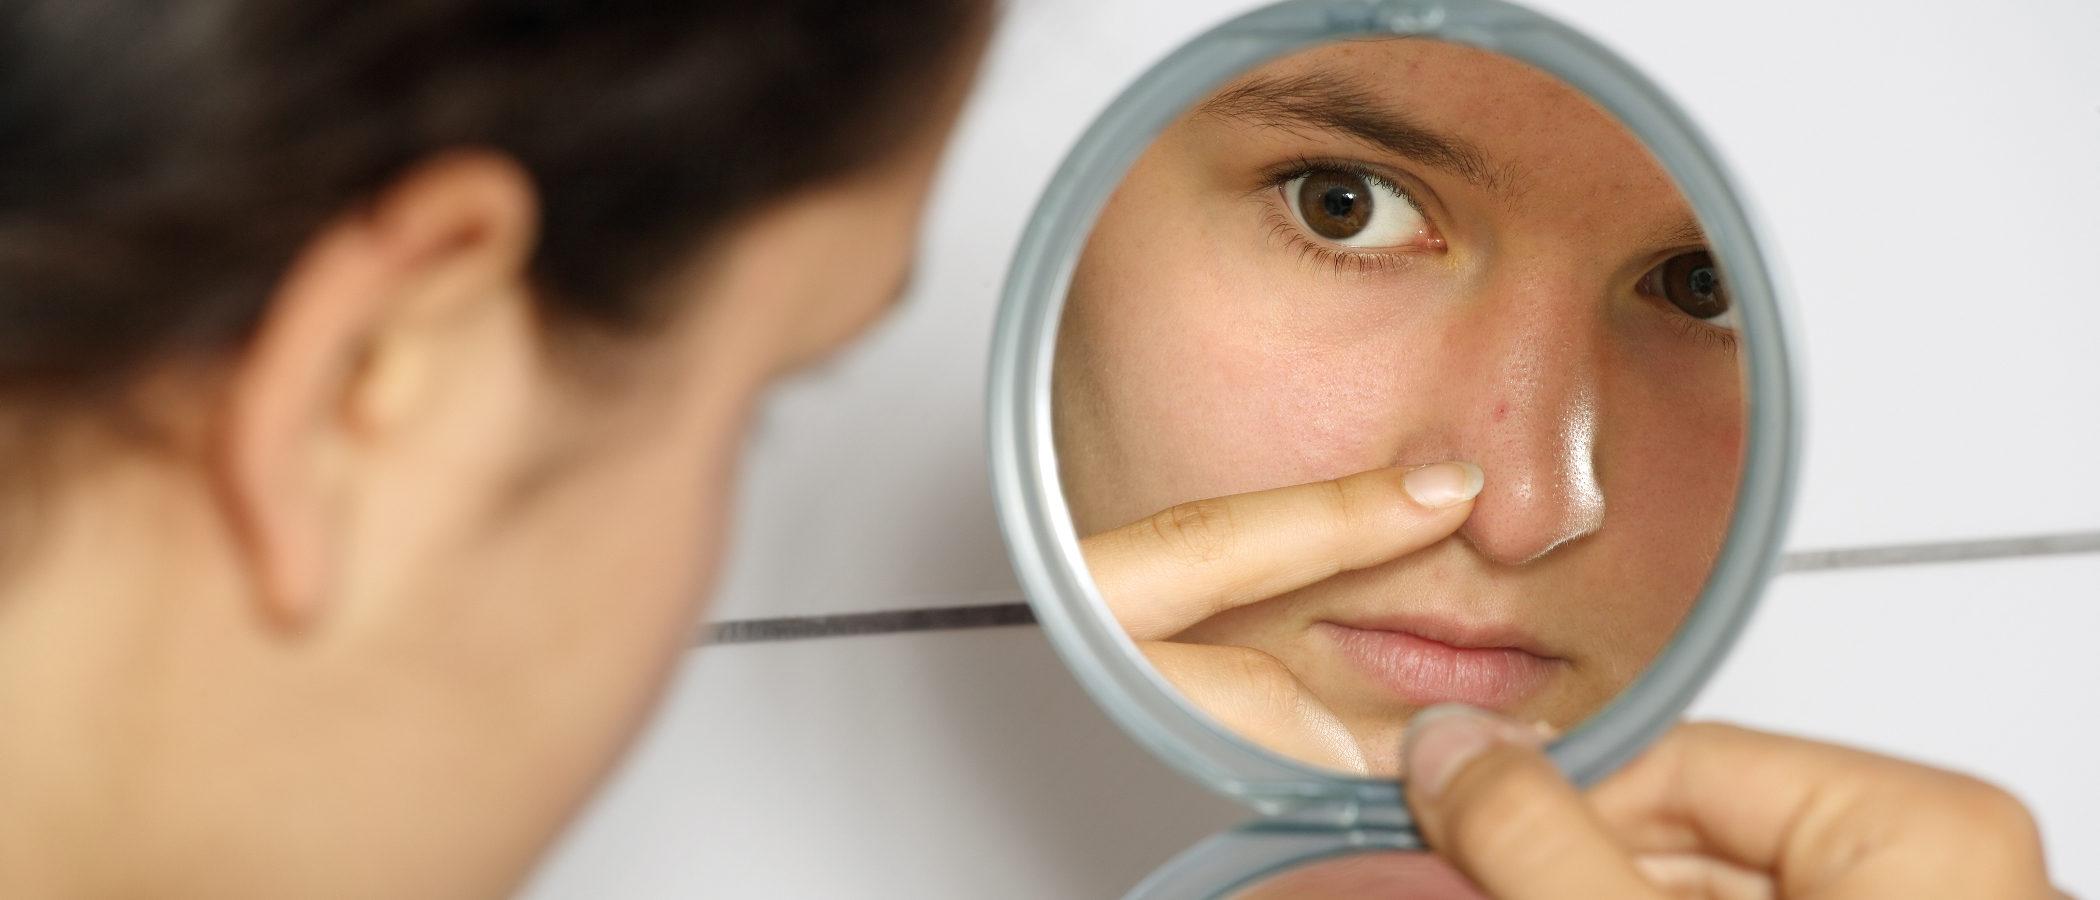 ¿Por qué aparece el acné en la adolescencia?